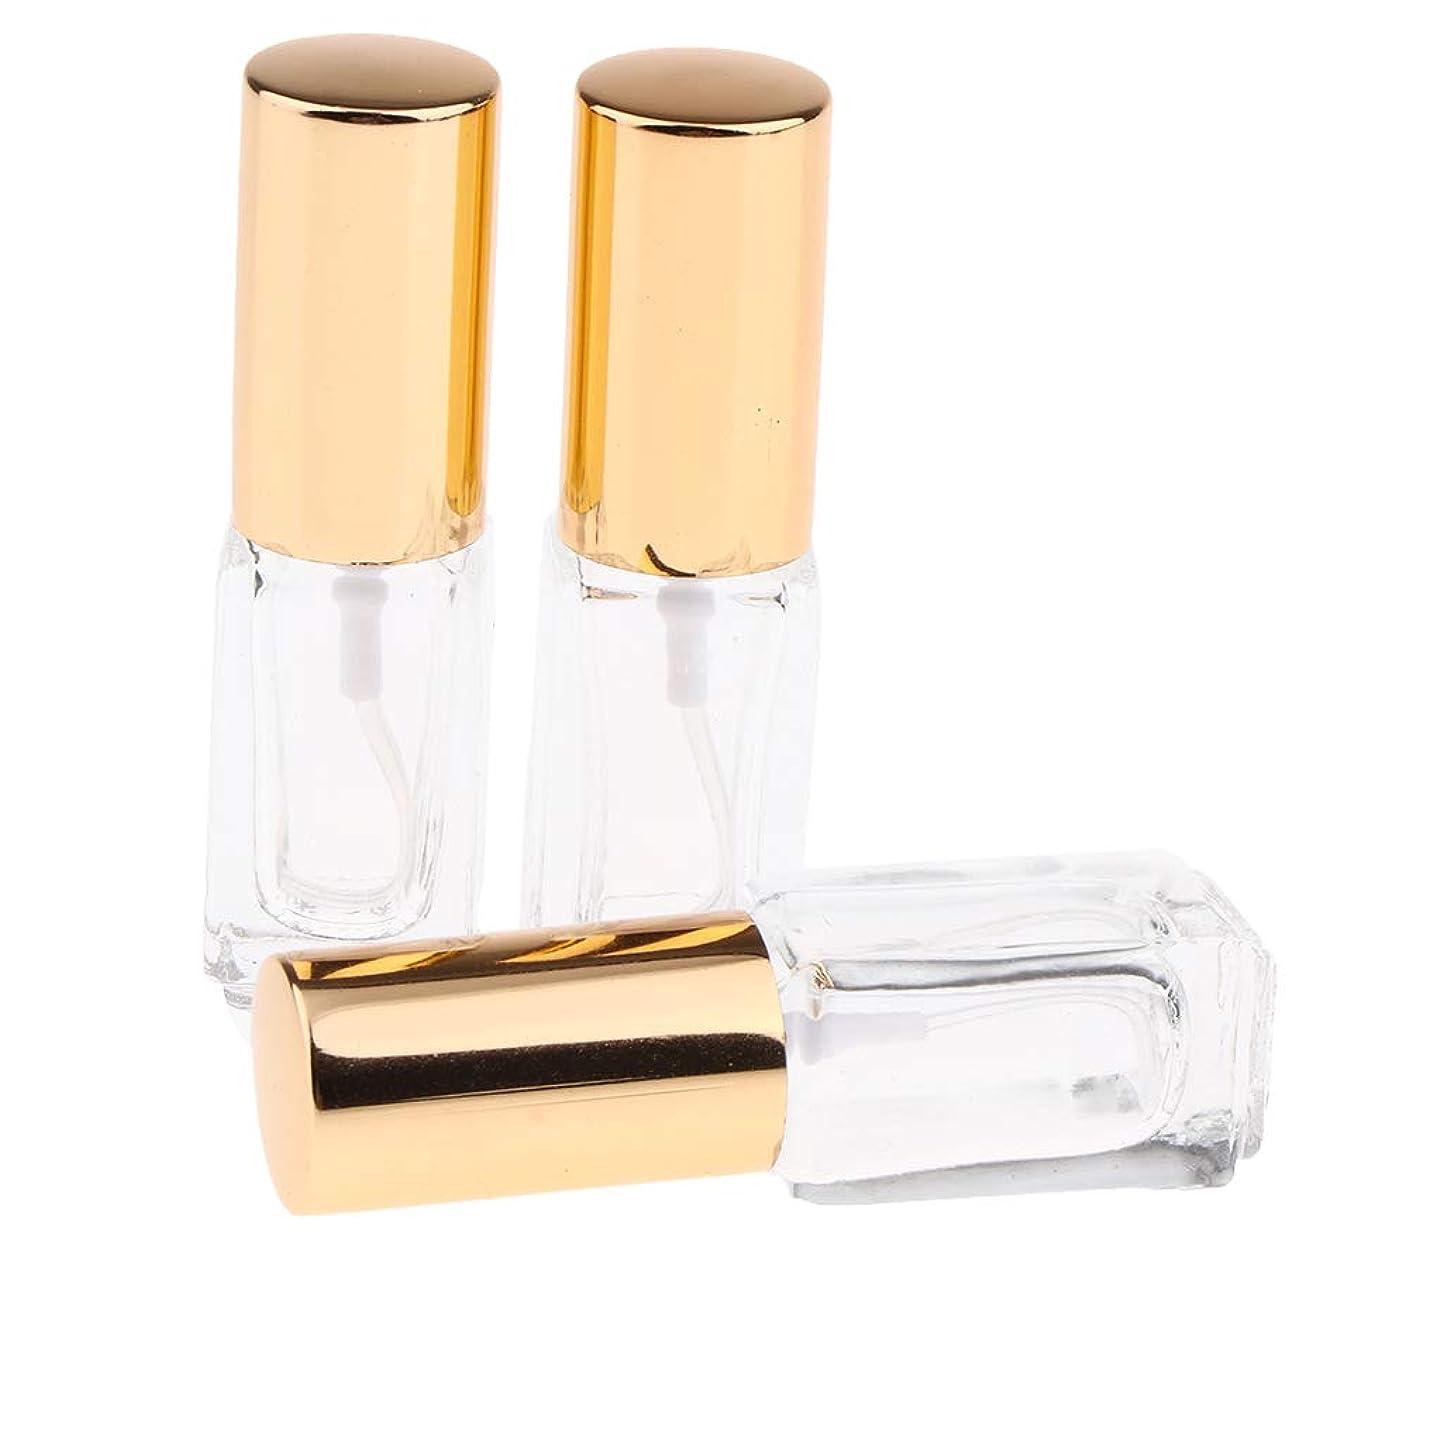 スローガン銀行レシピCUTICATE 全3色 空の香水瓶 アトマイザー 空のボトル 3ML スプレーボトル 詰め替え 携帯用 便利 3個 - ゴールドキャップ